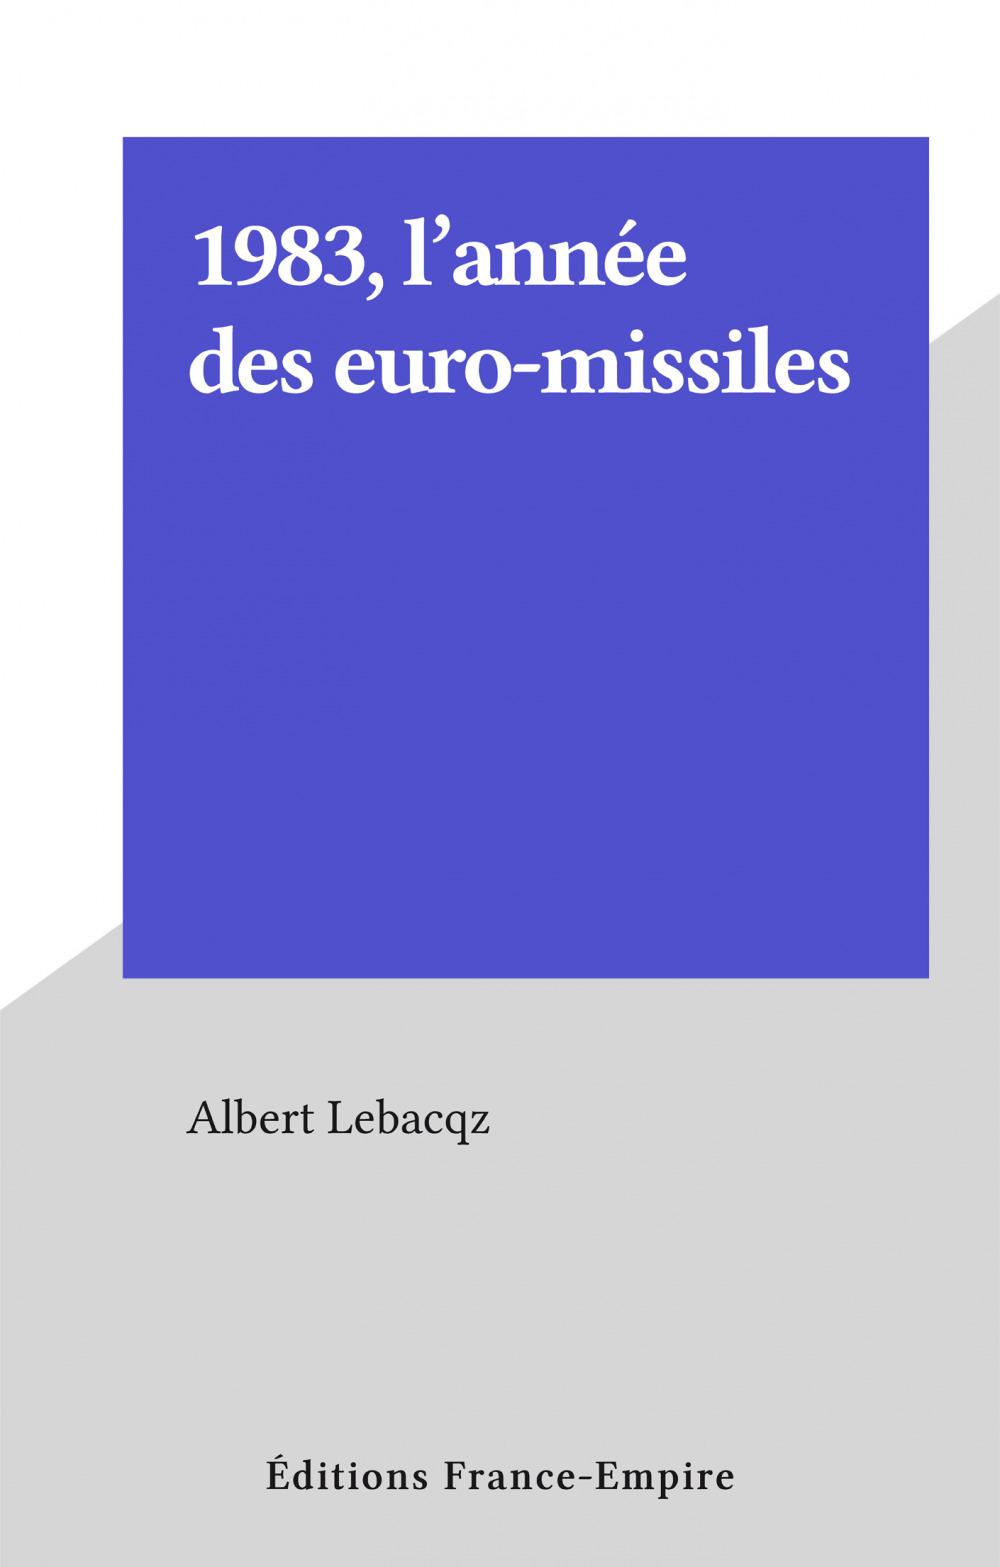 1983, l'année des euro-missiles